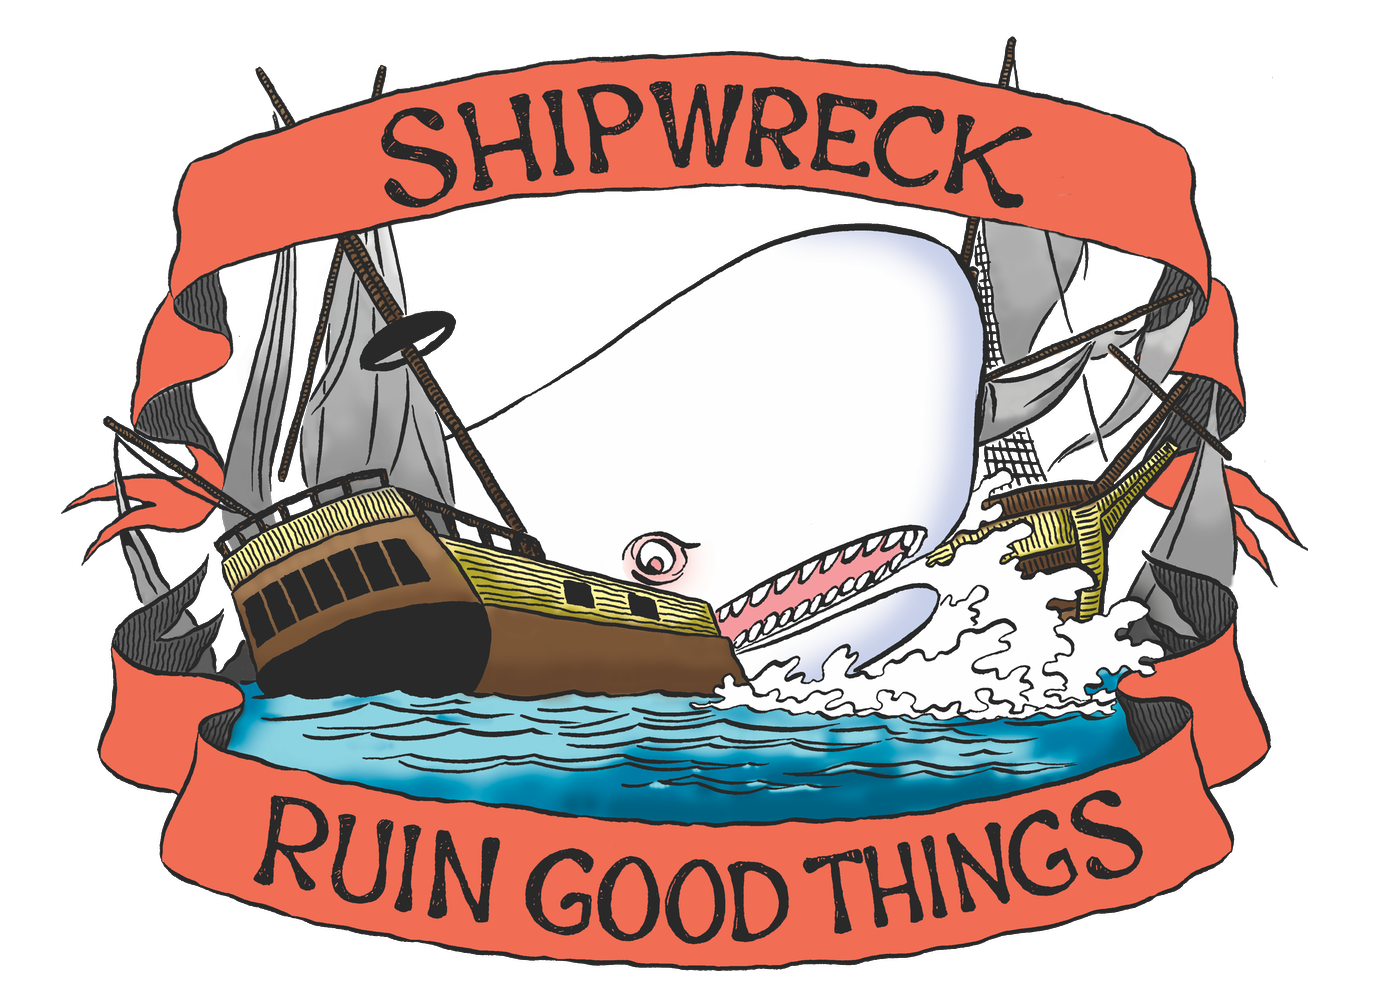 Shipwreckmobylogo1400